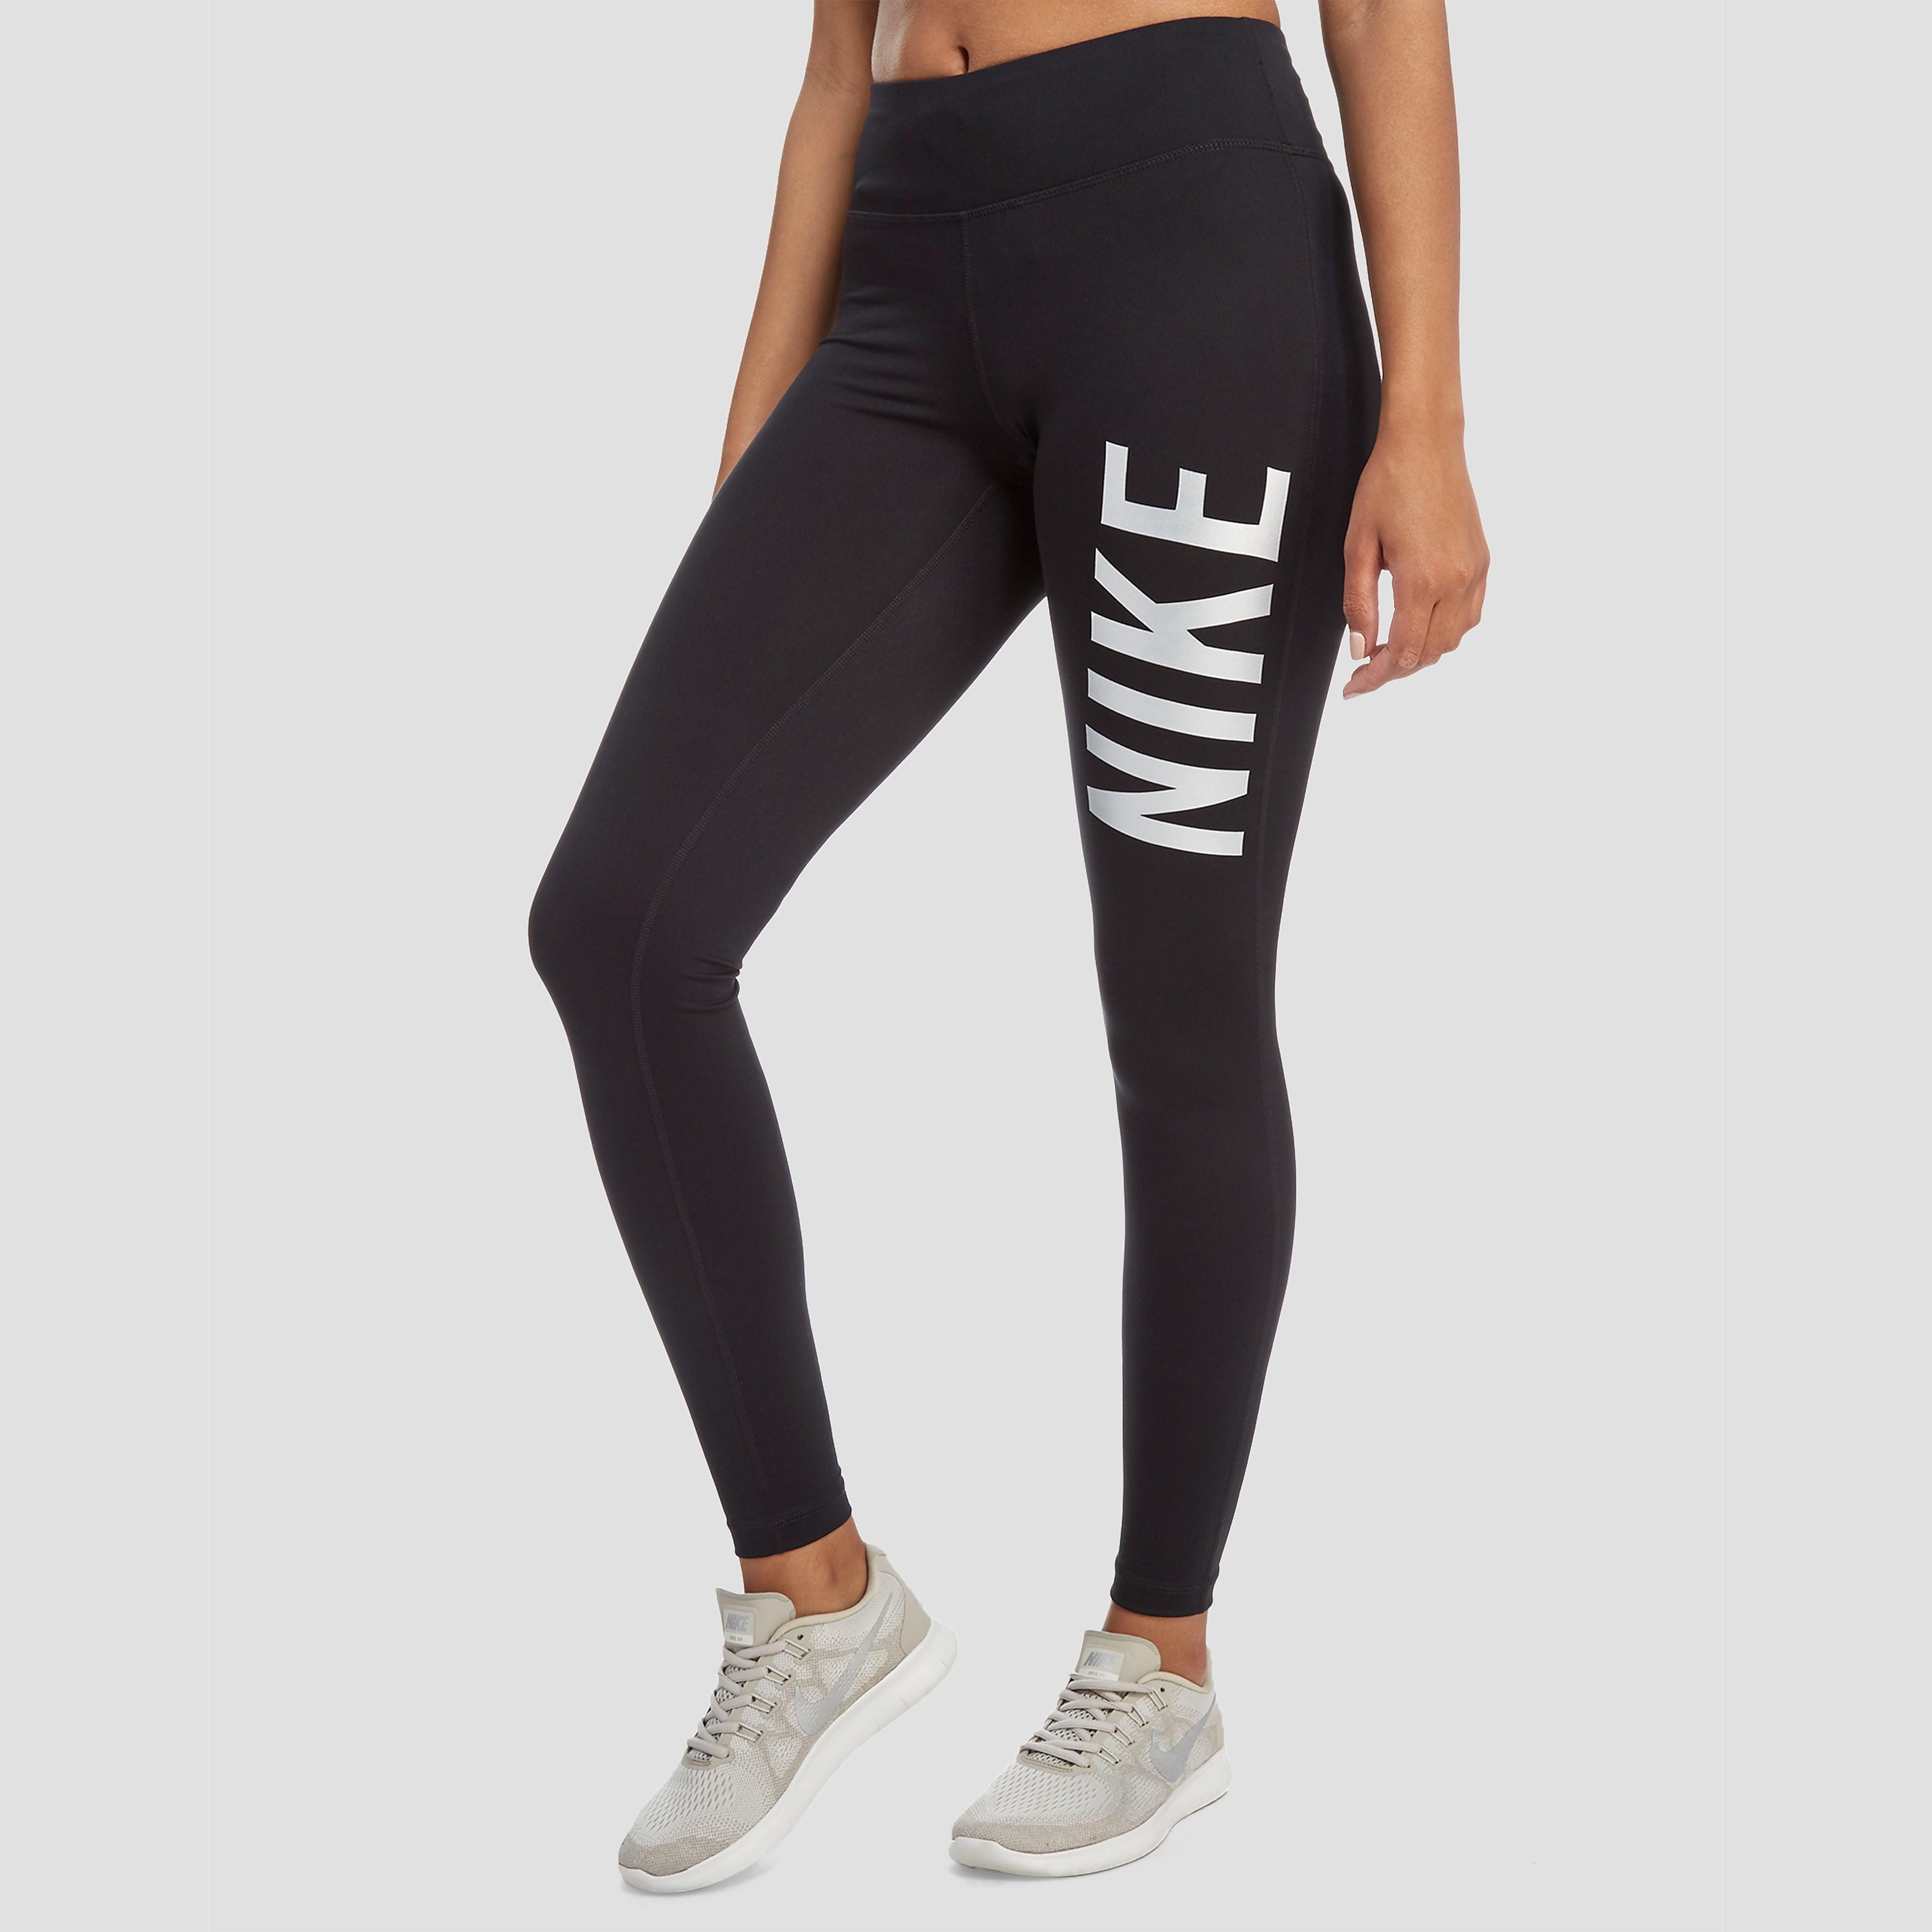 Nike Metallic Women's Running Leggings